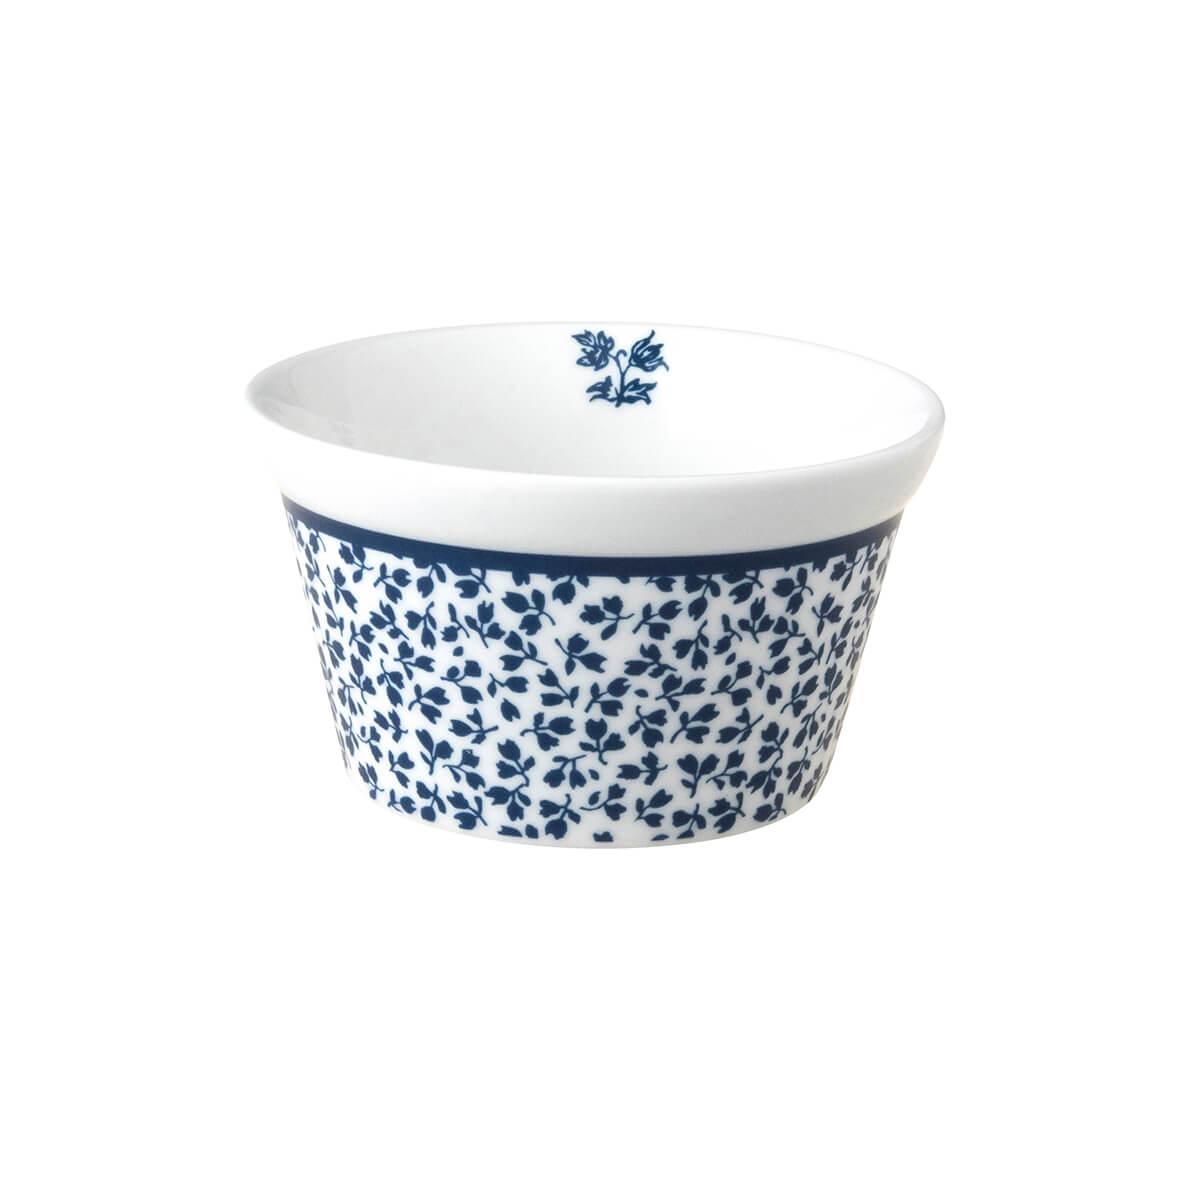 Онлайн каталог PROMENU: Форма порционная фарфоровая Laura Ashley BLUEPRINT, 9 см, белый в синий мелкий цветок                                   179361